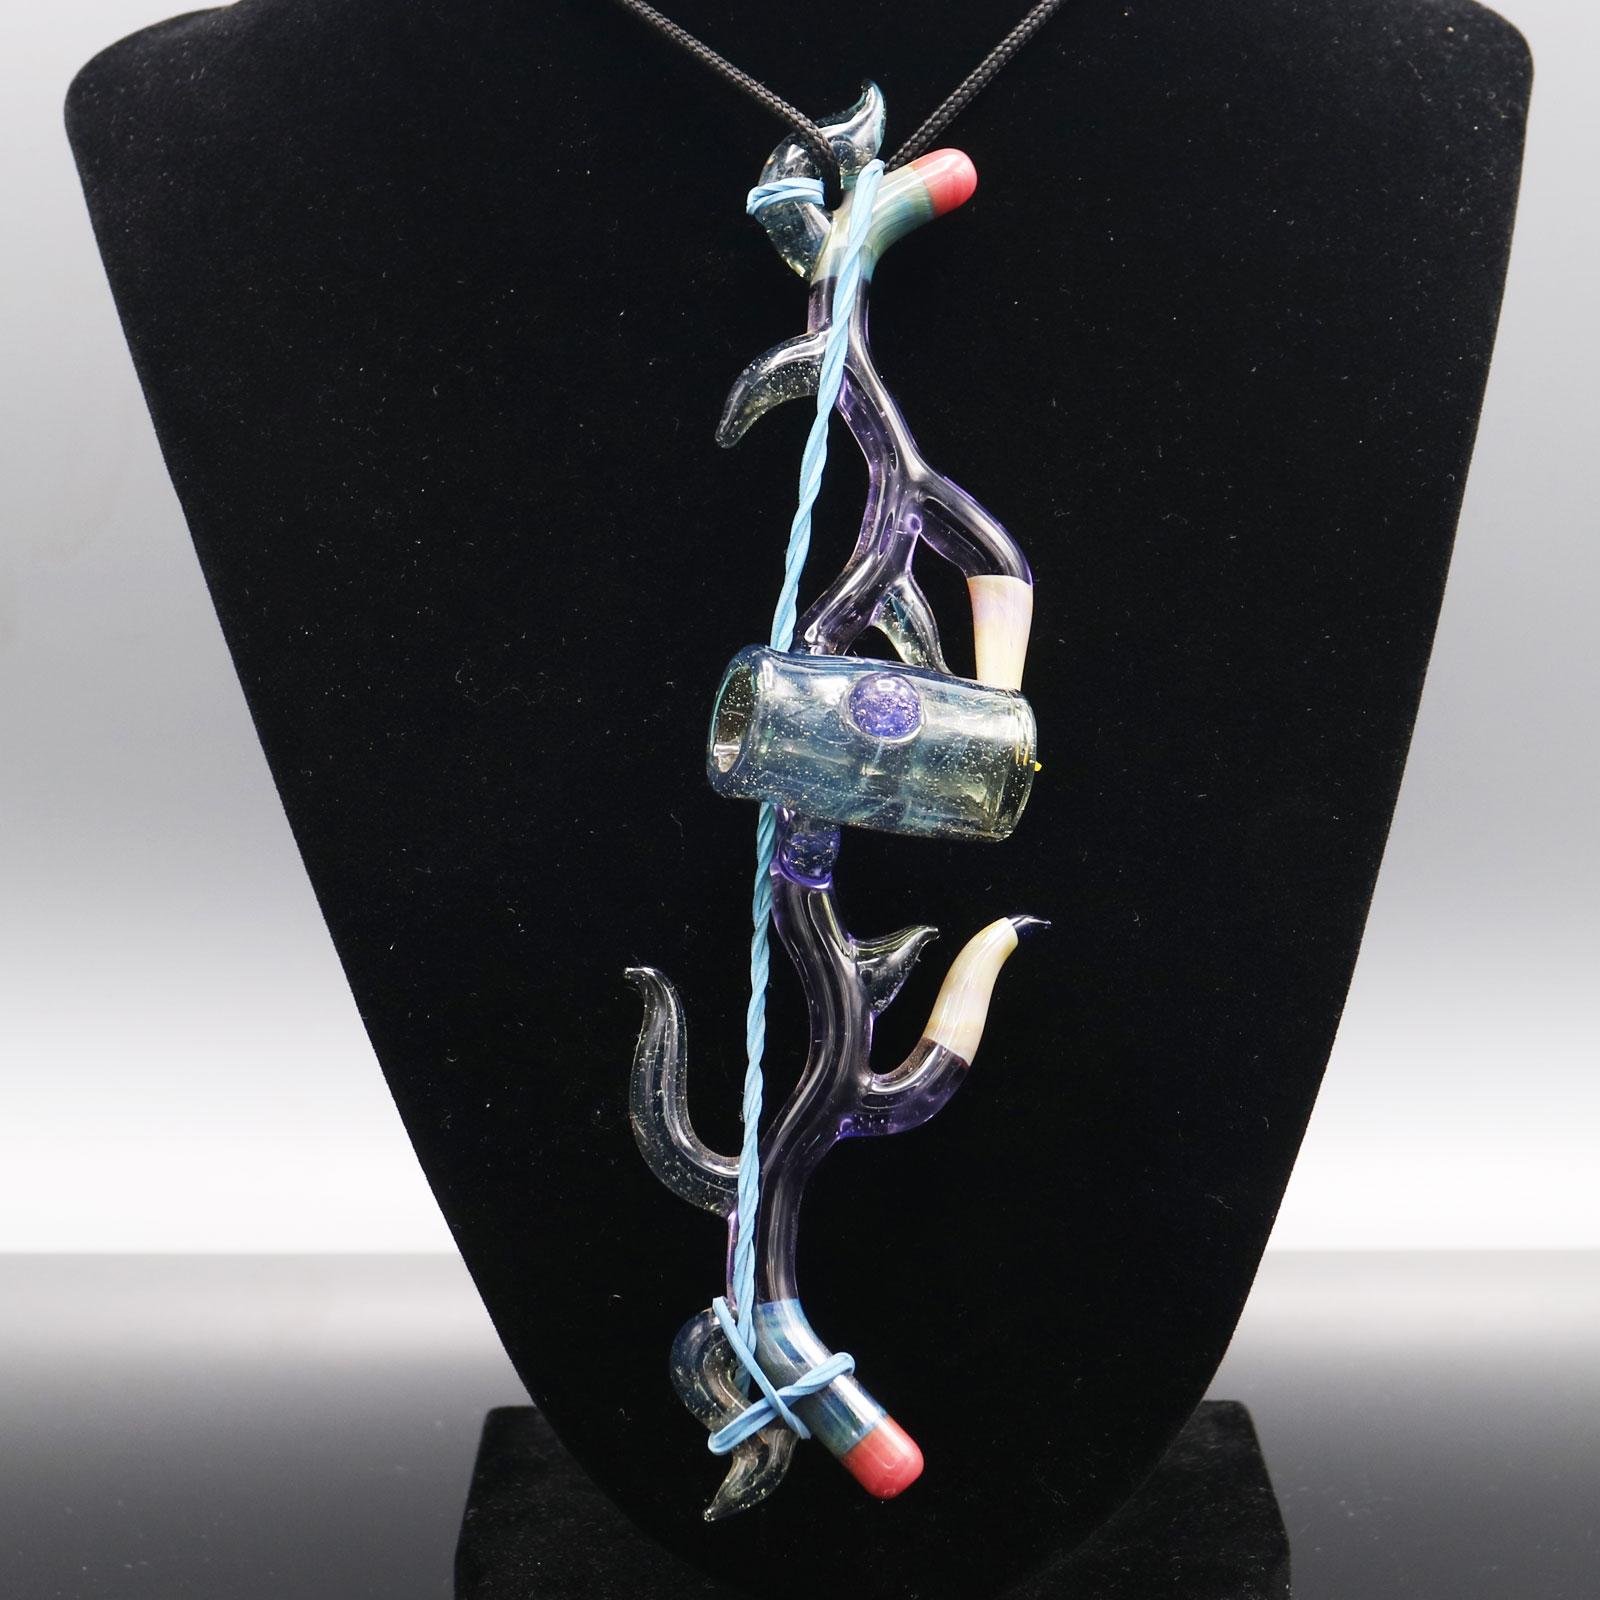 B-Hold X Sherbet Glass Pencil Qtip Bow Collab